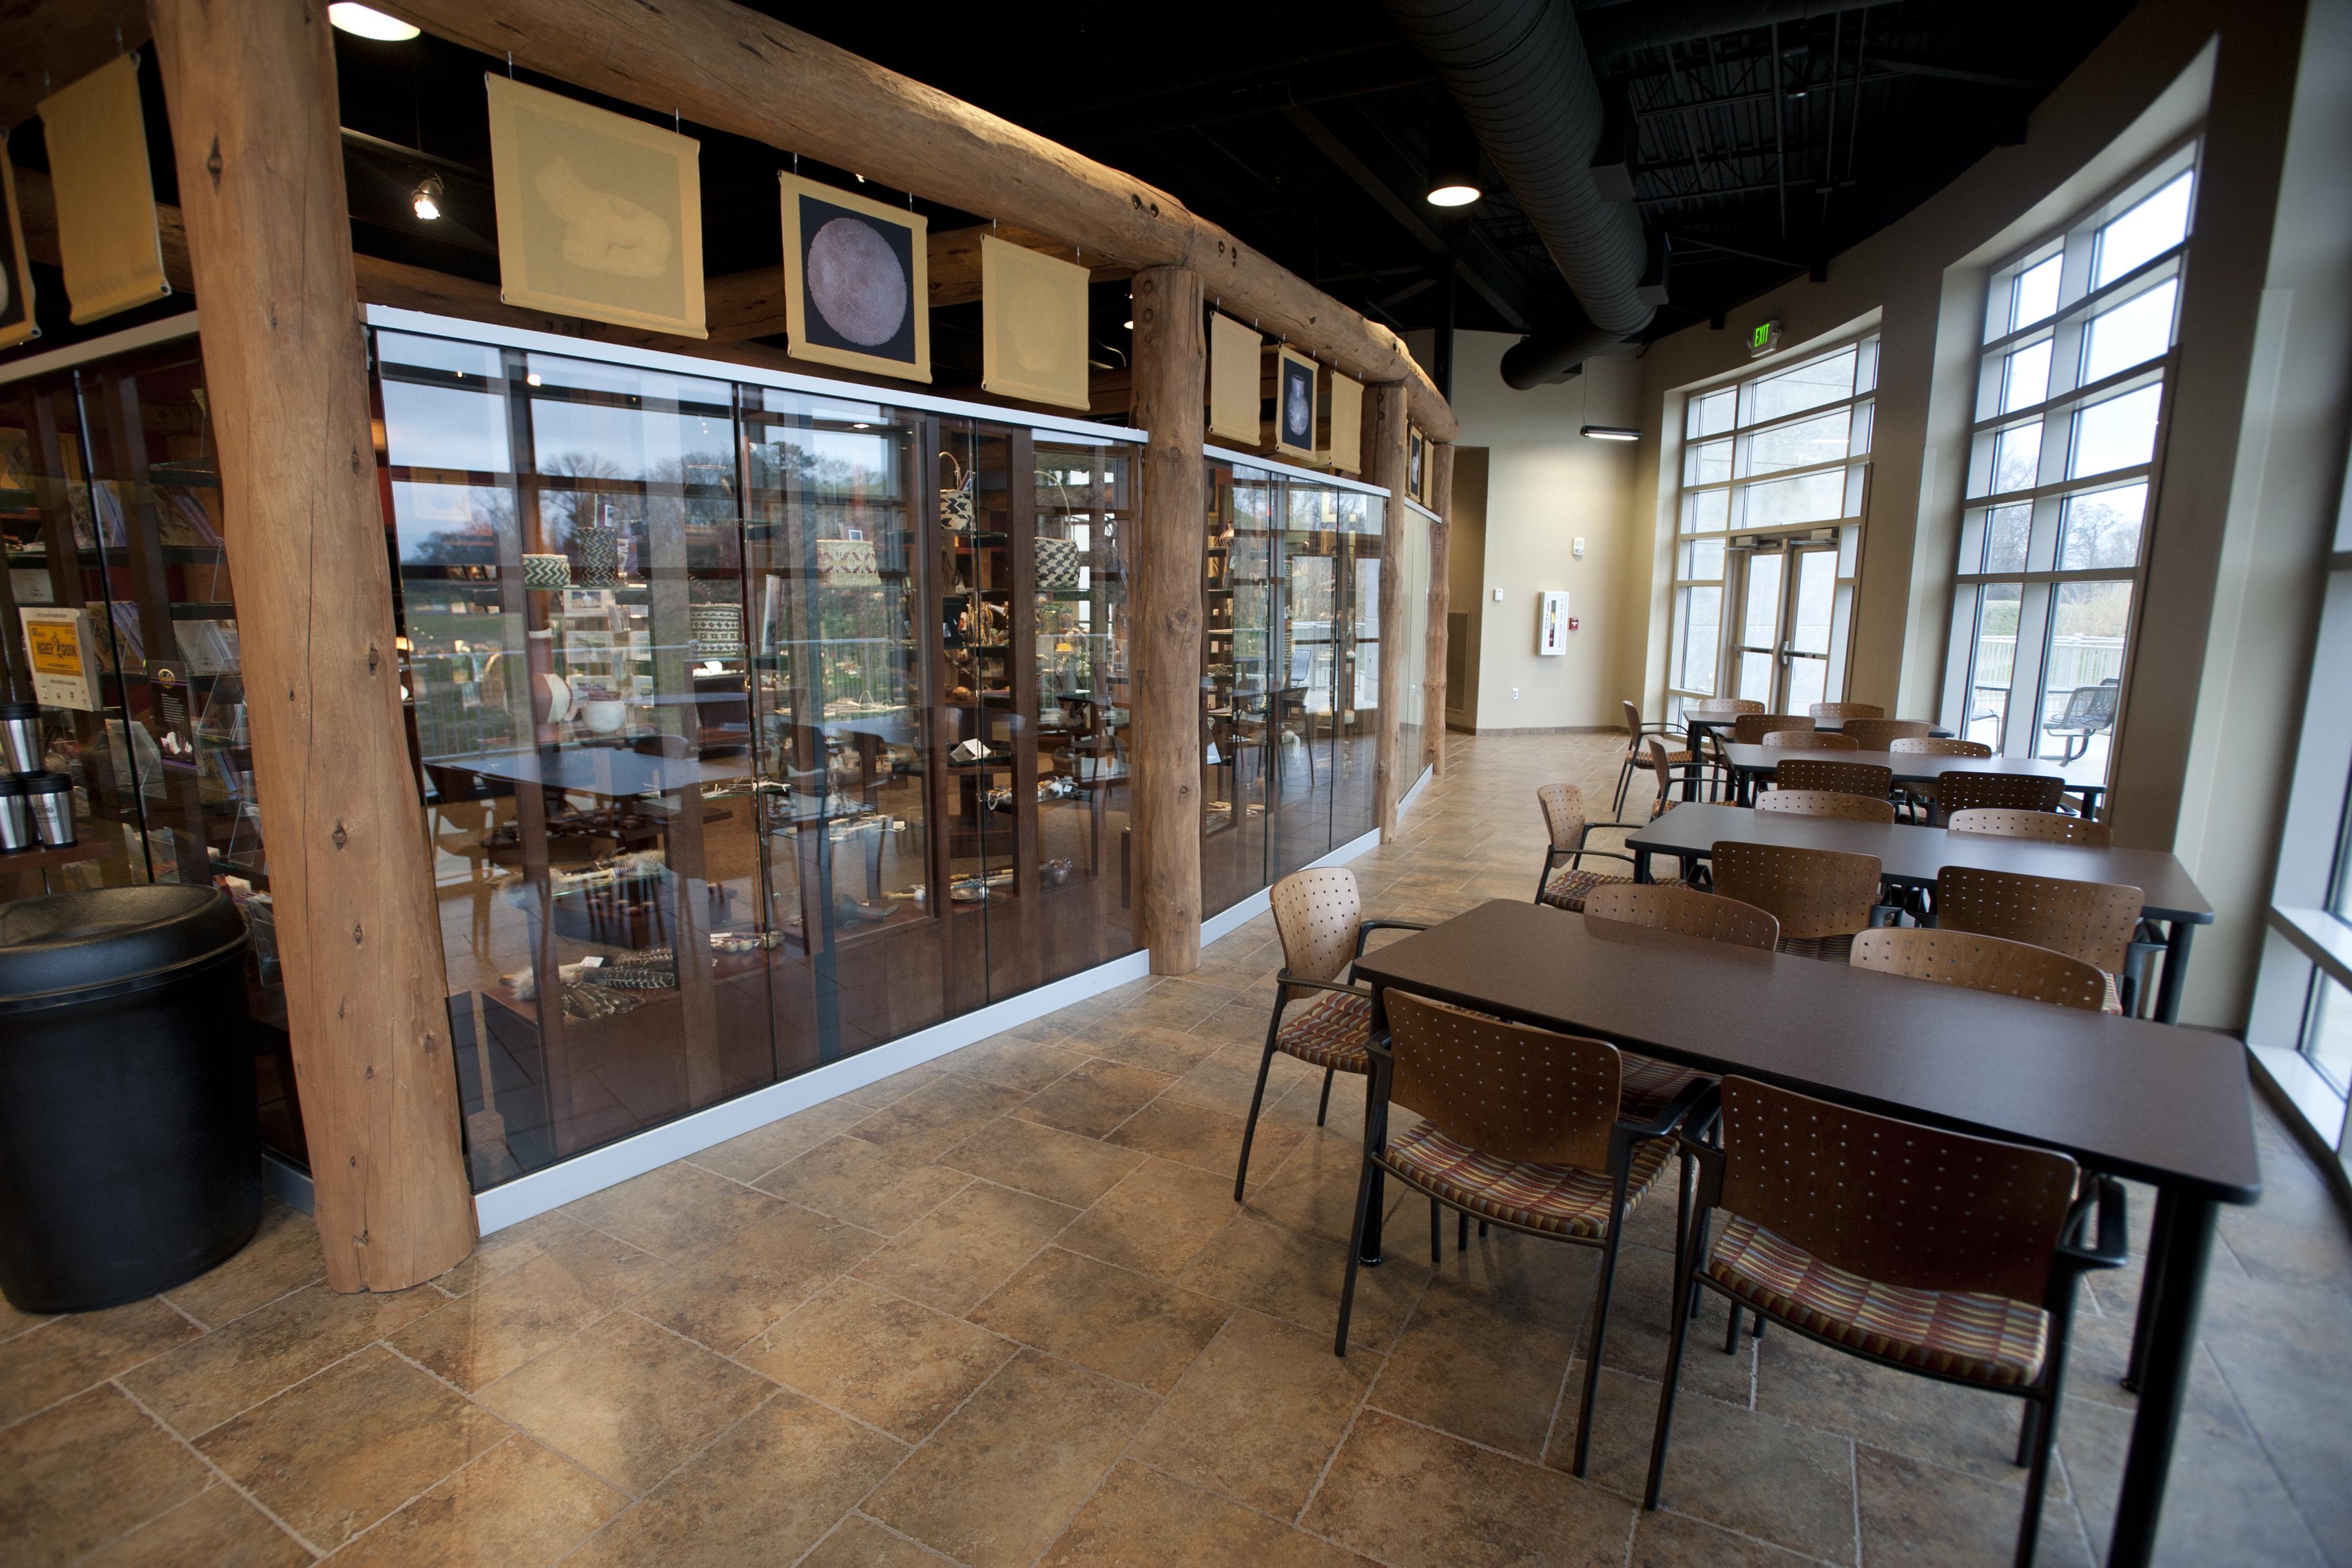 Moundville Cafe